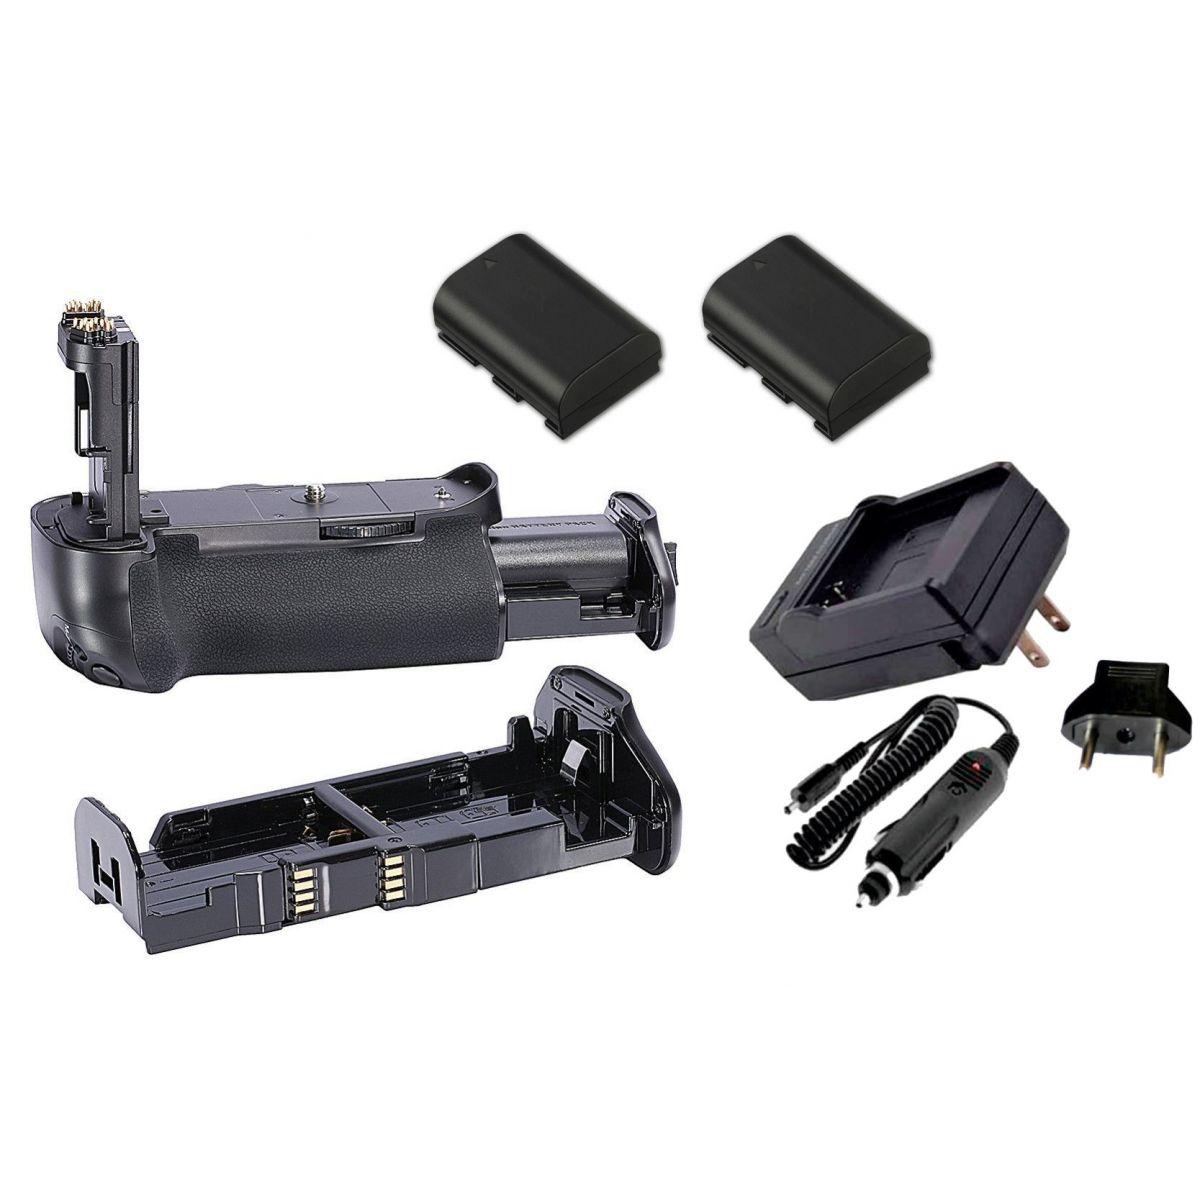 Kit Battery Grip BG-E16 + 2 Baterias LP-E6 + Carregador para câmera Canon EOS 7D Mark II